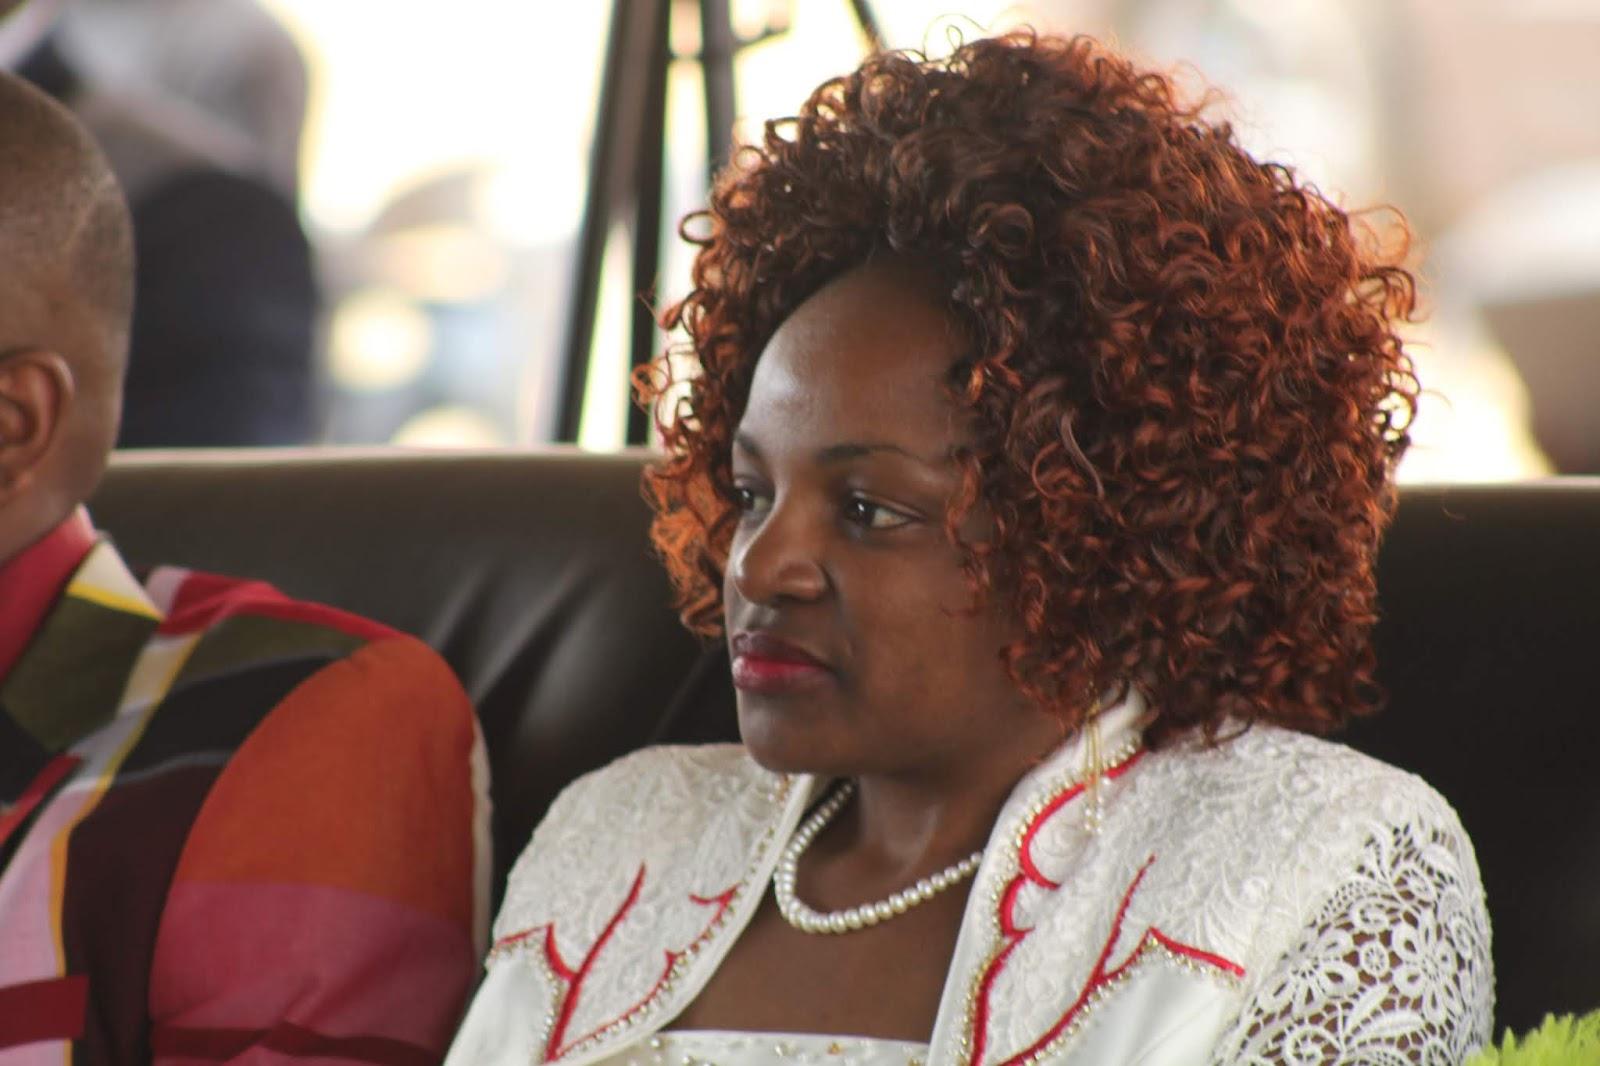 Prophetess Tendai Tatiana Chiza